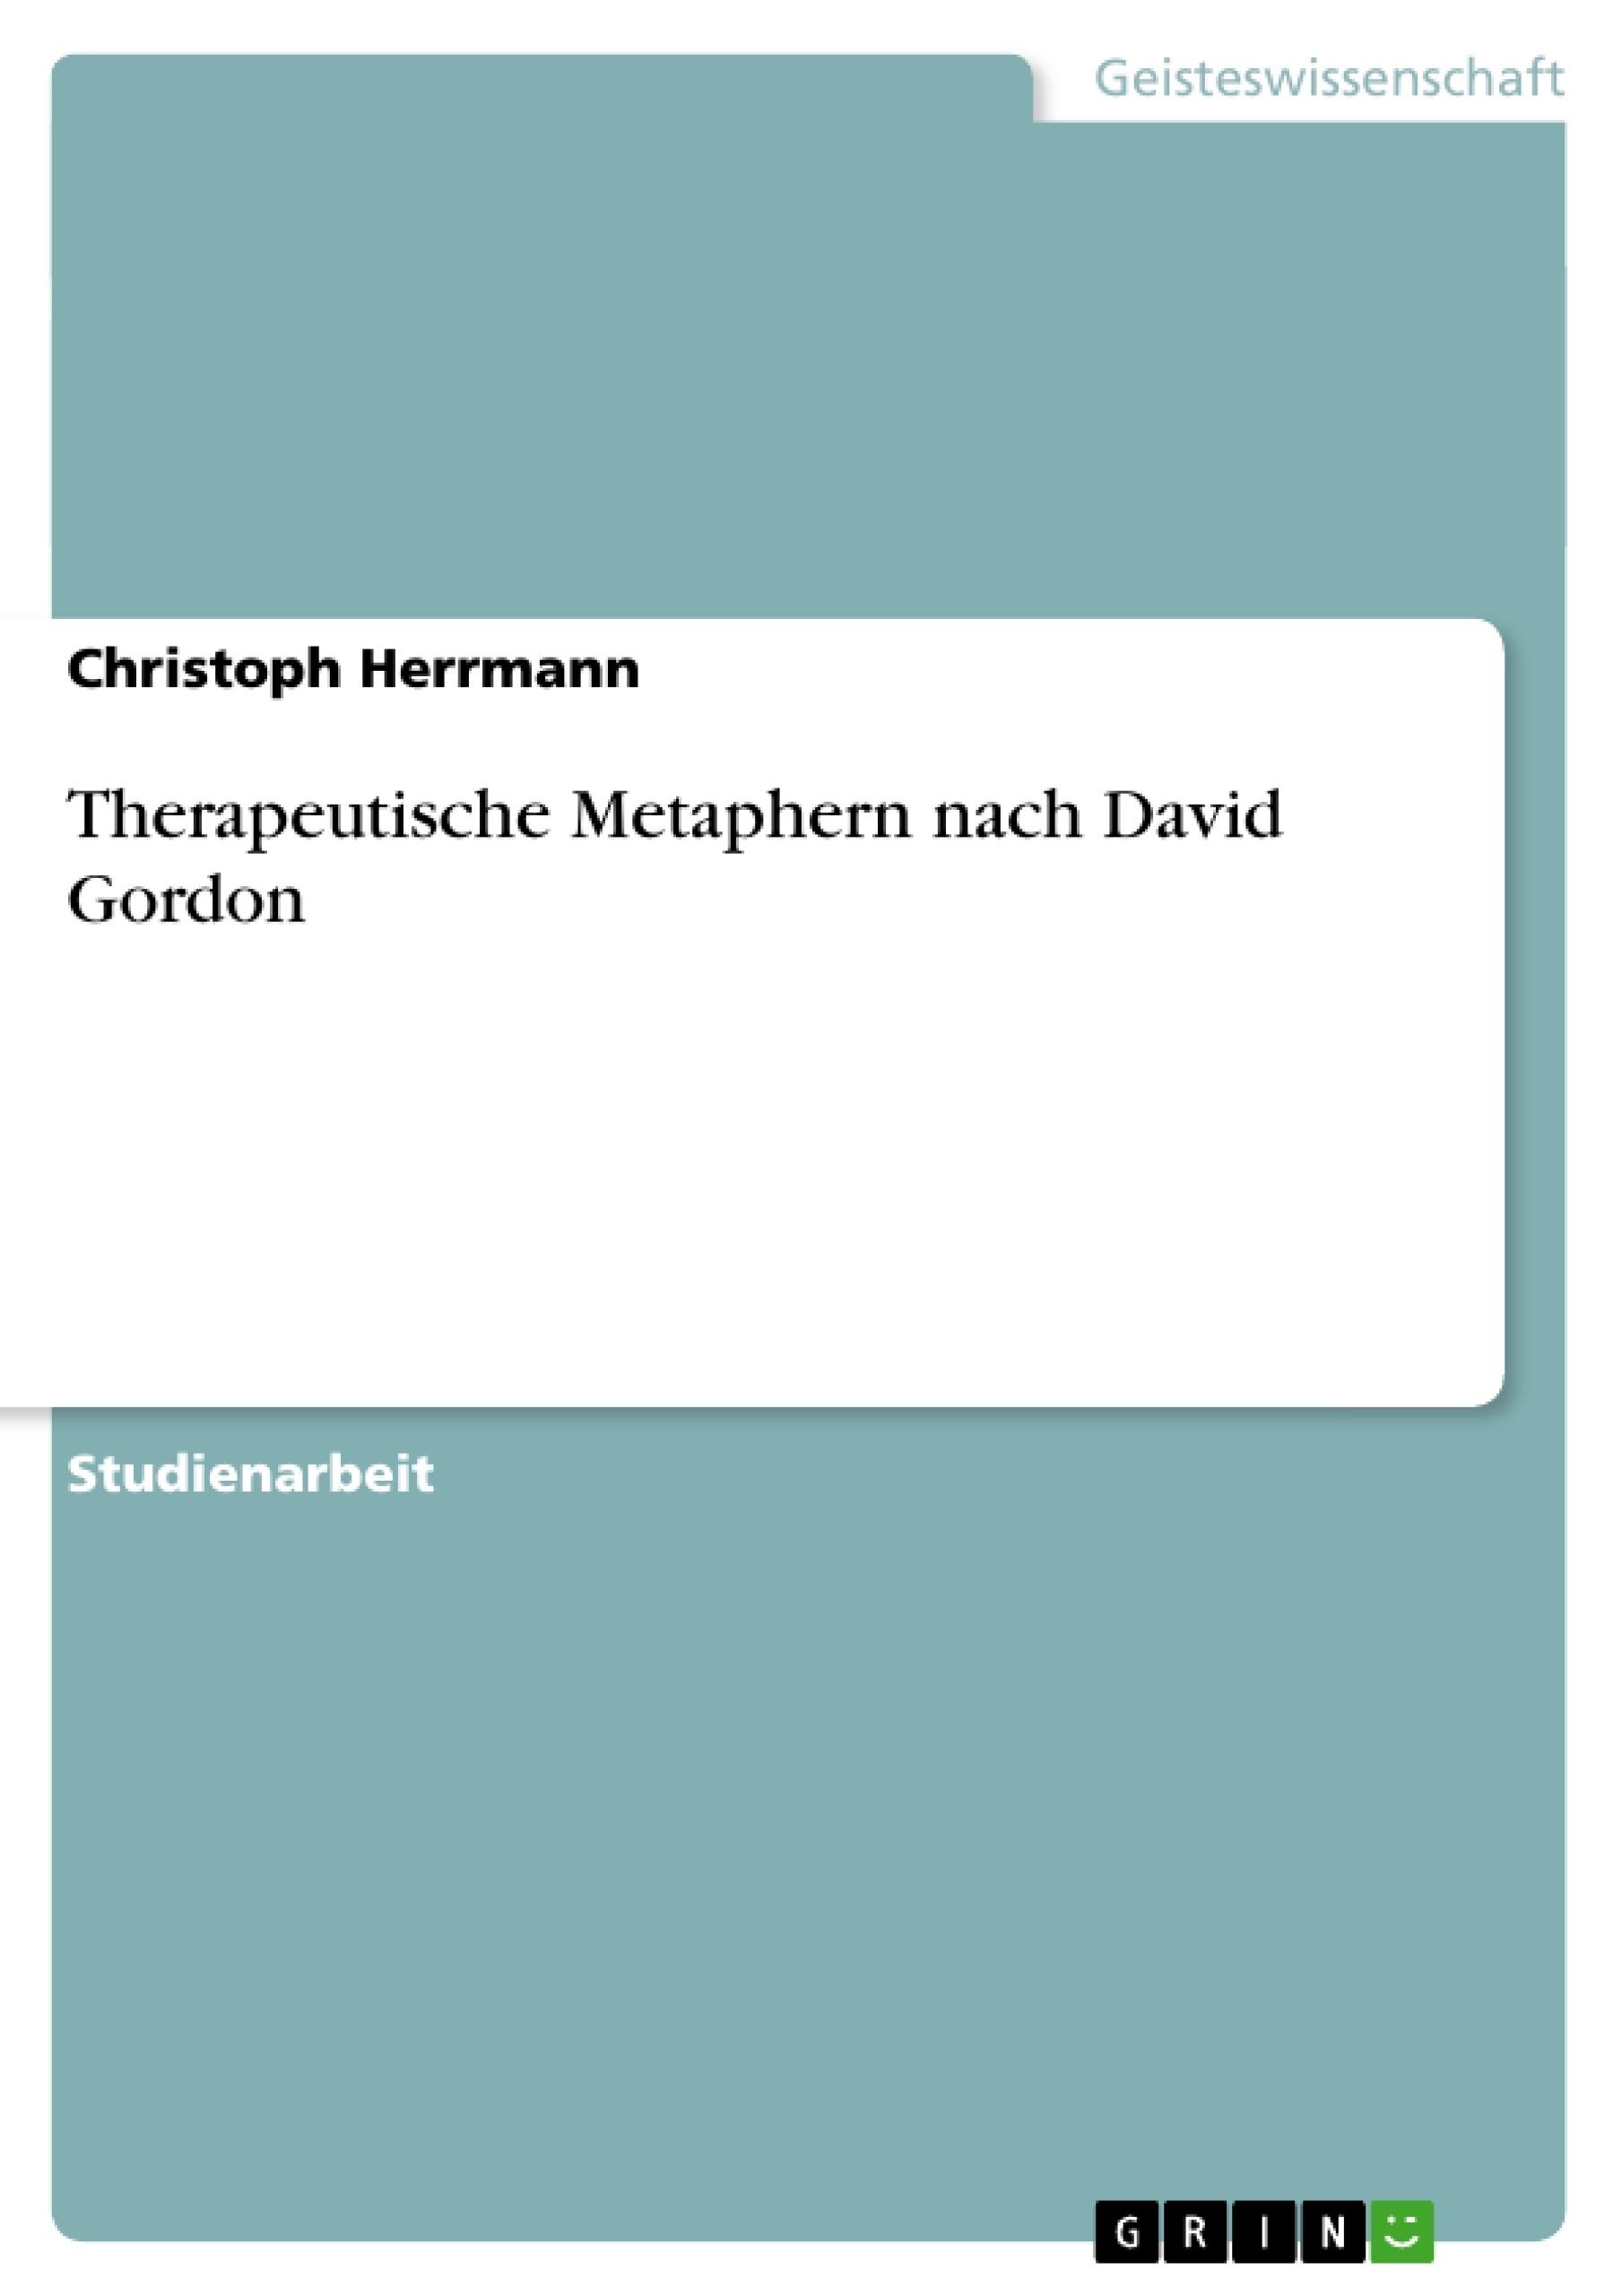 Titel: Therapeutische Metaphern nach David Gordon